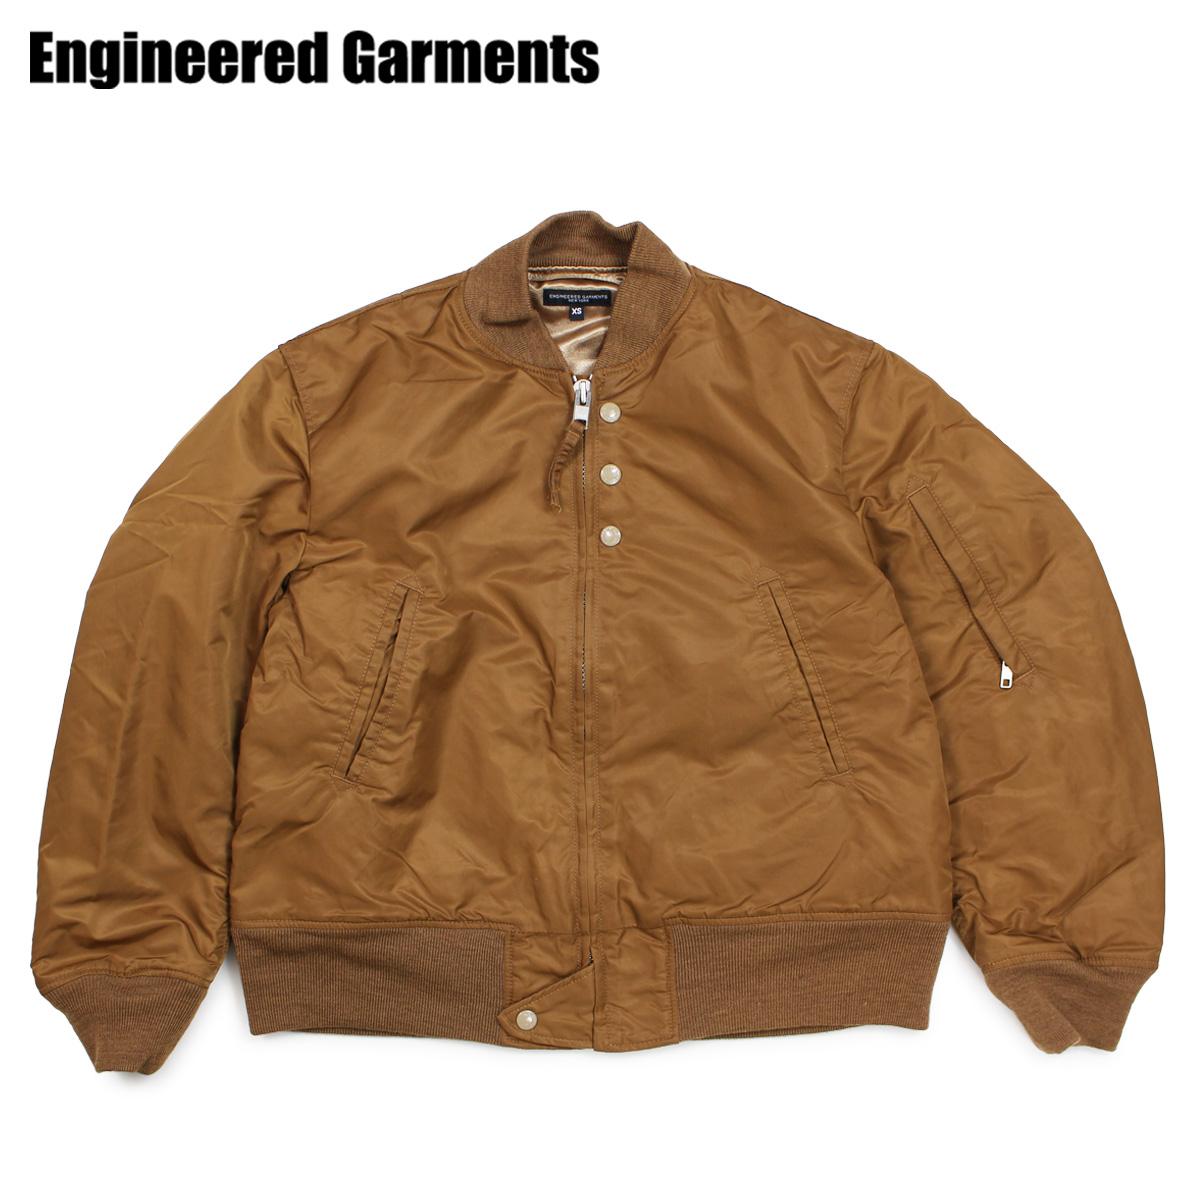 ENGINEERED GARMENTS エンジニアドガーメンツ ジャケット フライトジャケット 中綿 メンズ AVIATOR JACKET カーキ F8D1189